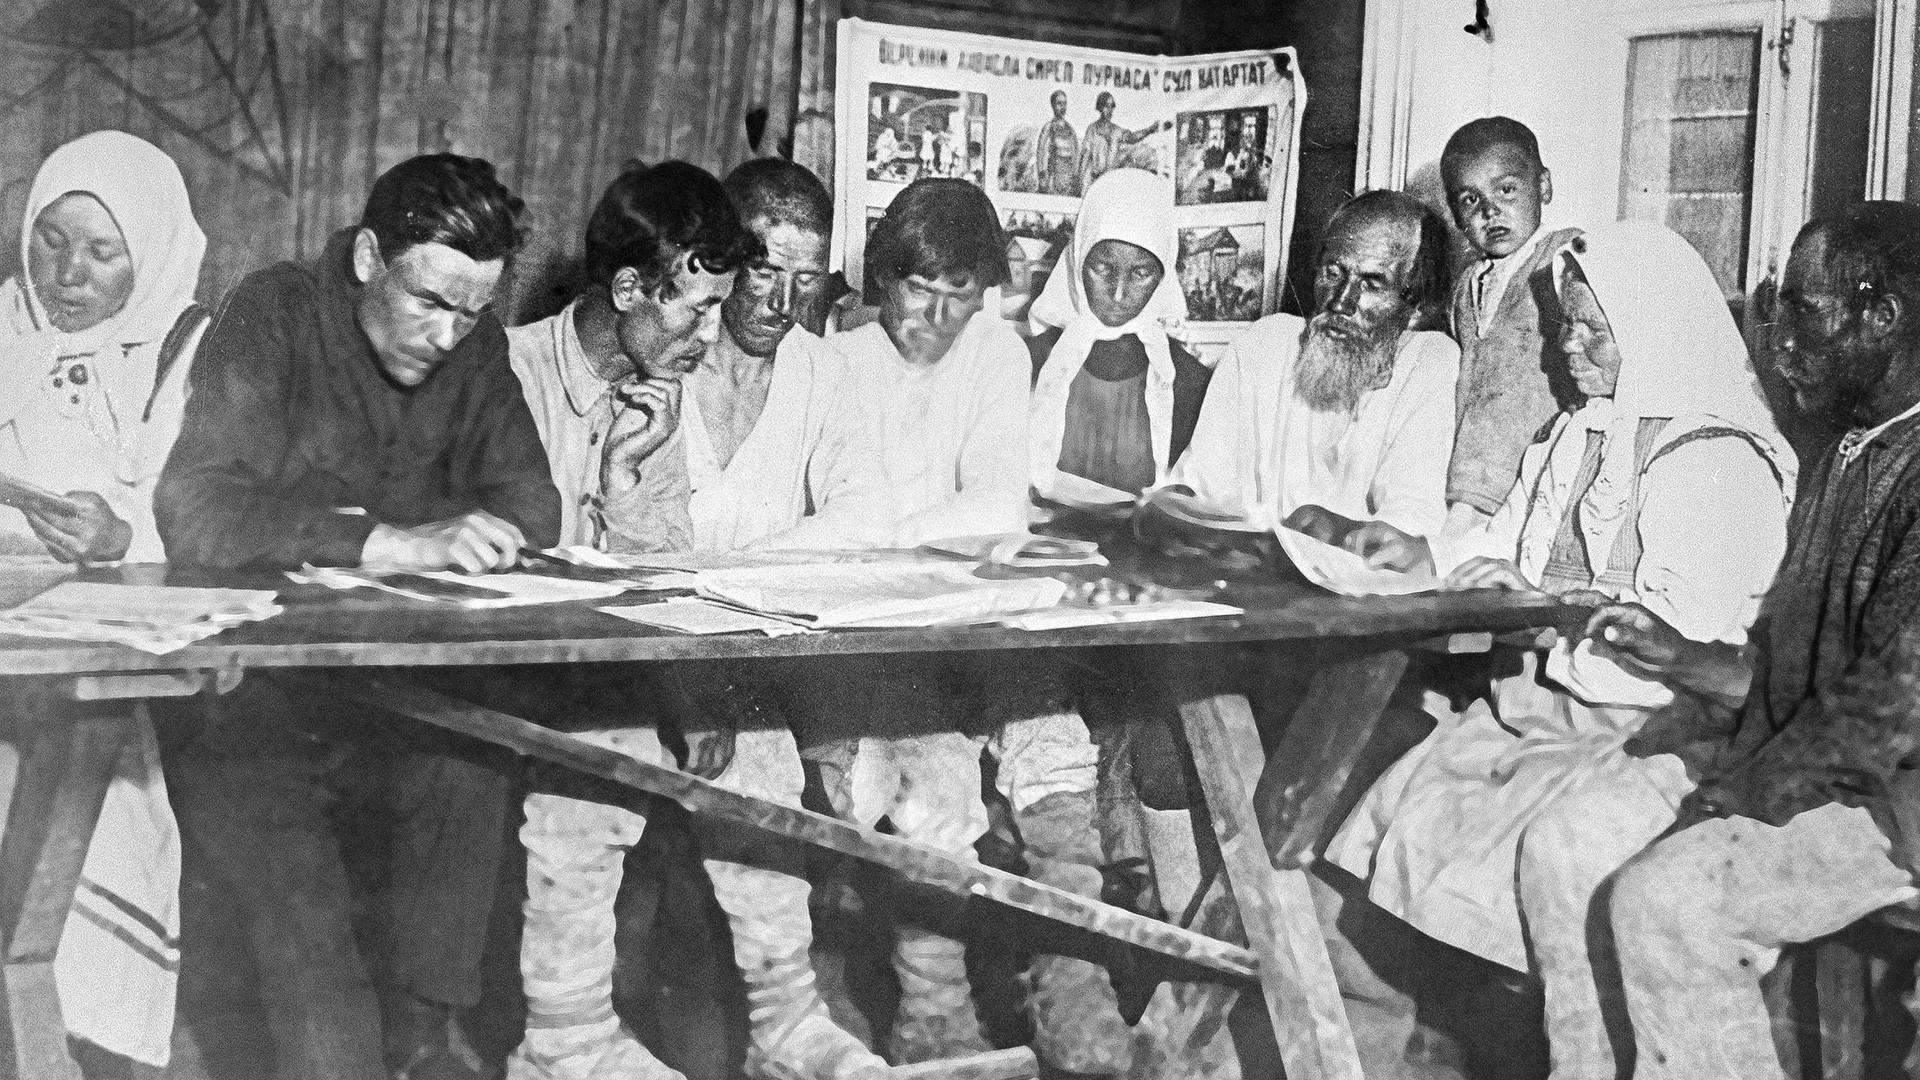 Kaum petani Soviet belajar membaca dan menulis, tahun 1930-an.